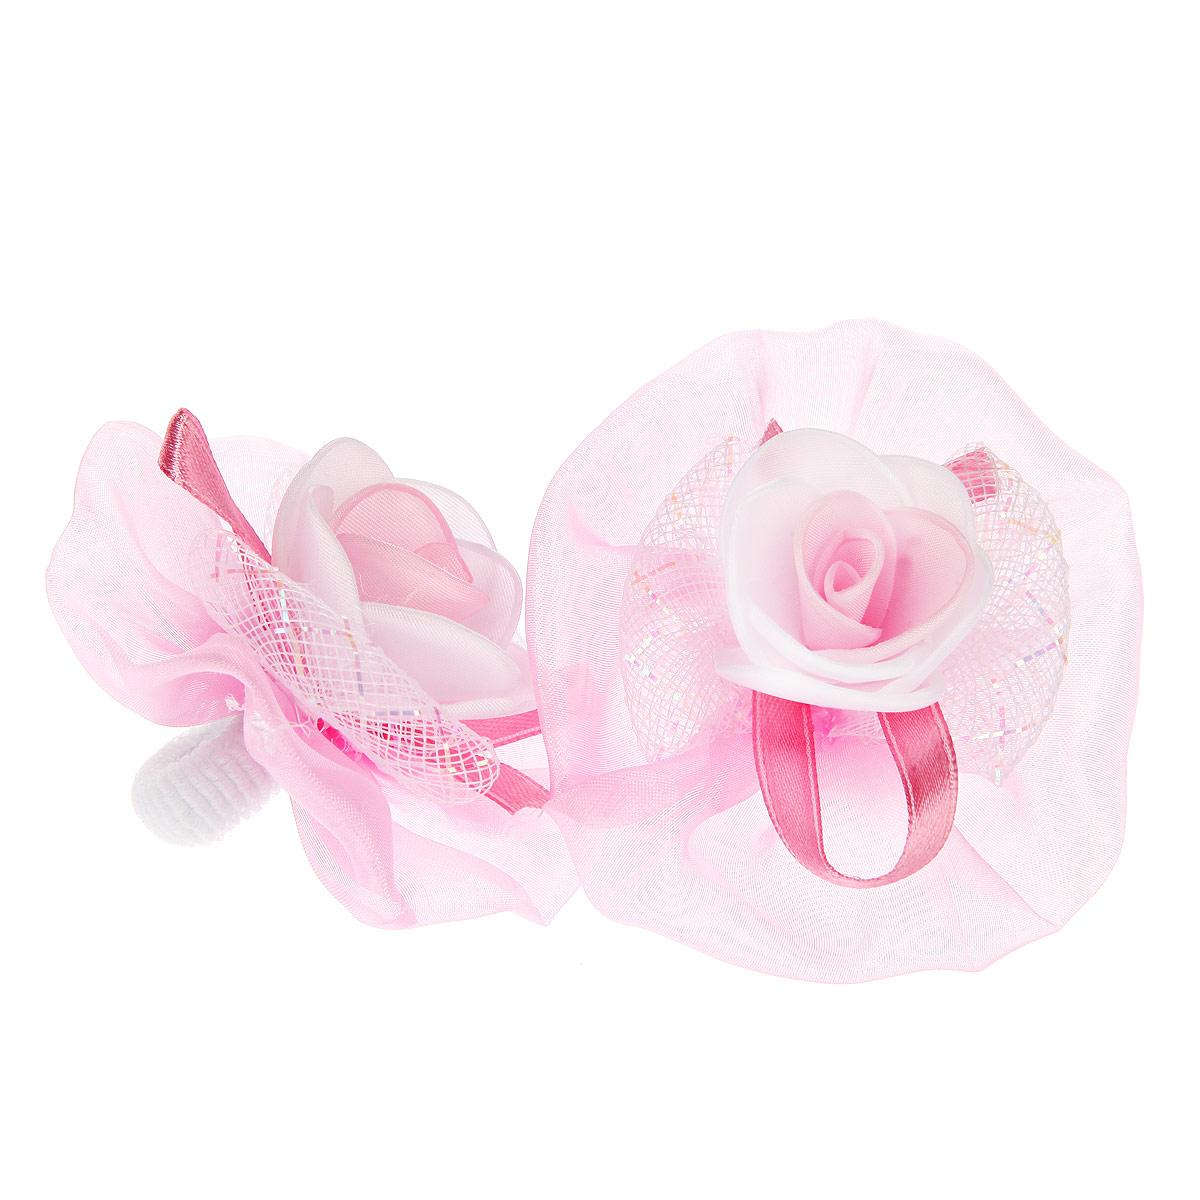 Набор резинок для волос Babys Joy, цвет: розовый, белый, 2 шт. AL 970AL 970Набор резинок для волос Babys Joy содержит две резинки, которые выполнены в виде цветков из текстиля, атласной ленты, органзы и в центре оформлены розочками. Набор резинок для волос Babys Joy подчеркнет красоту прически вашей маленькой модницы.